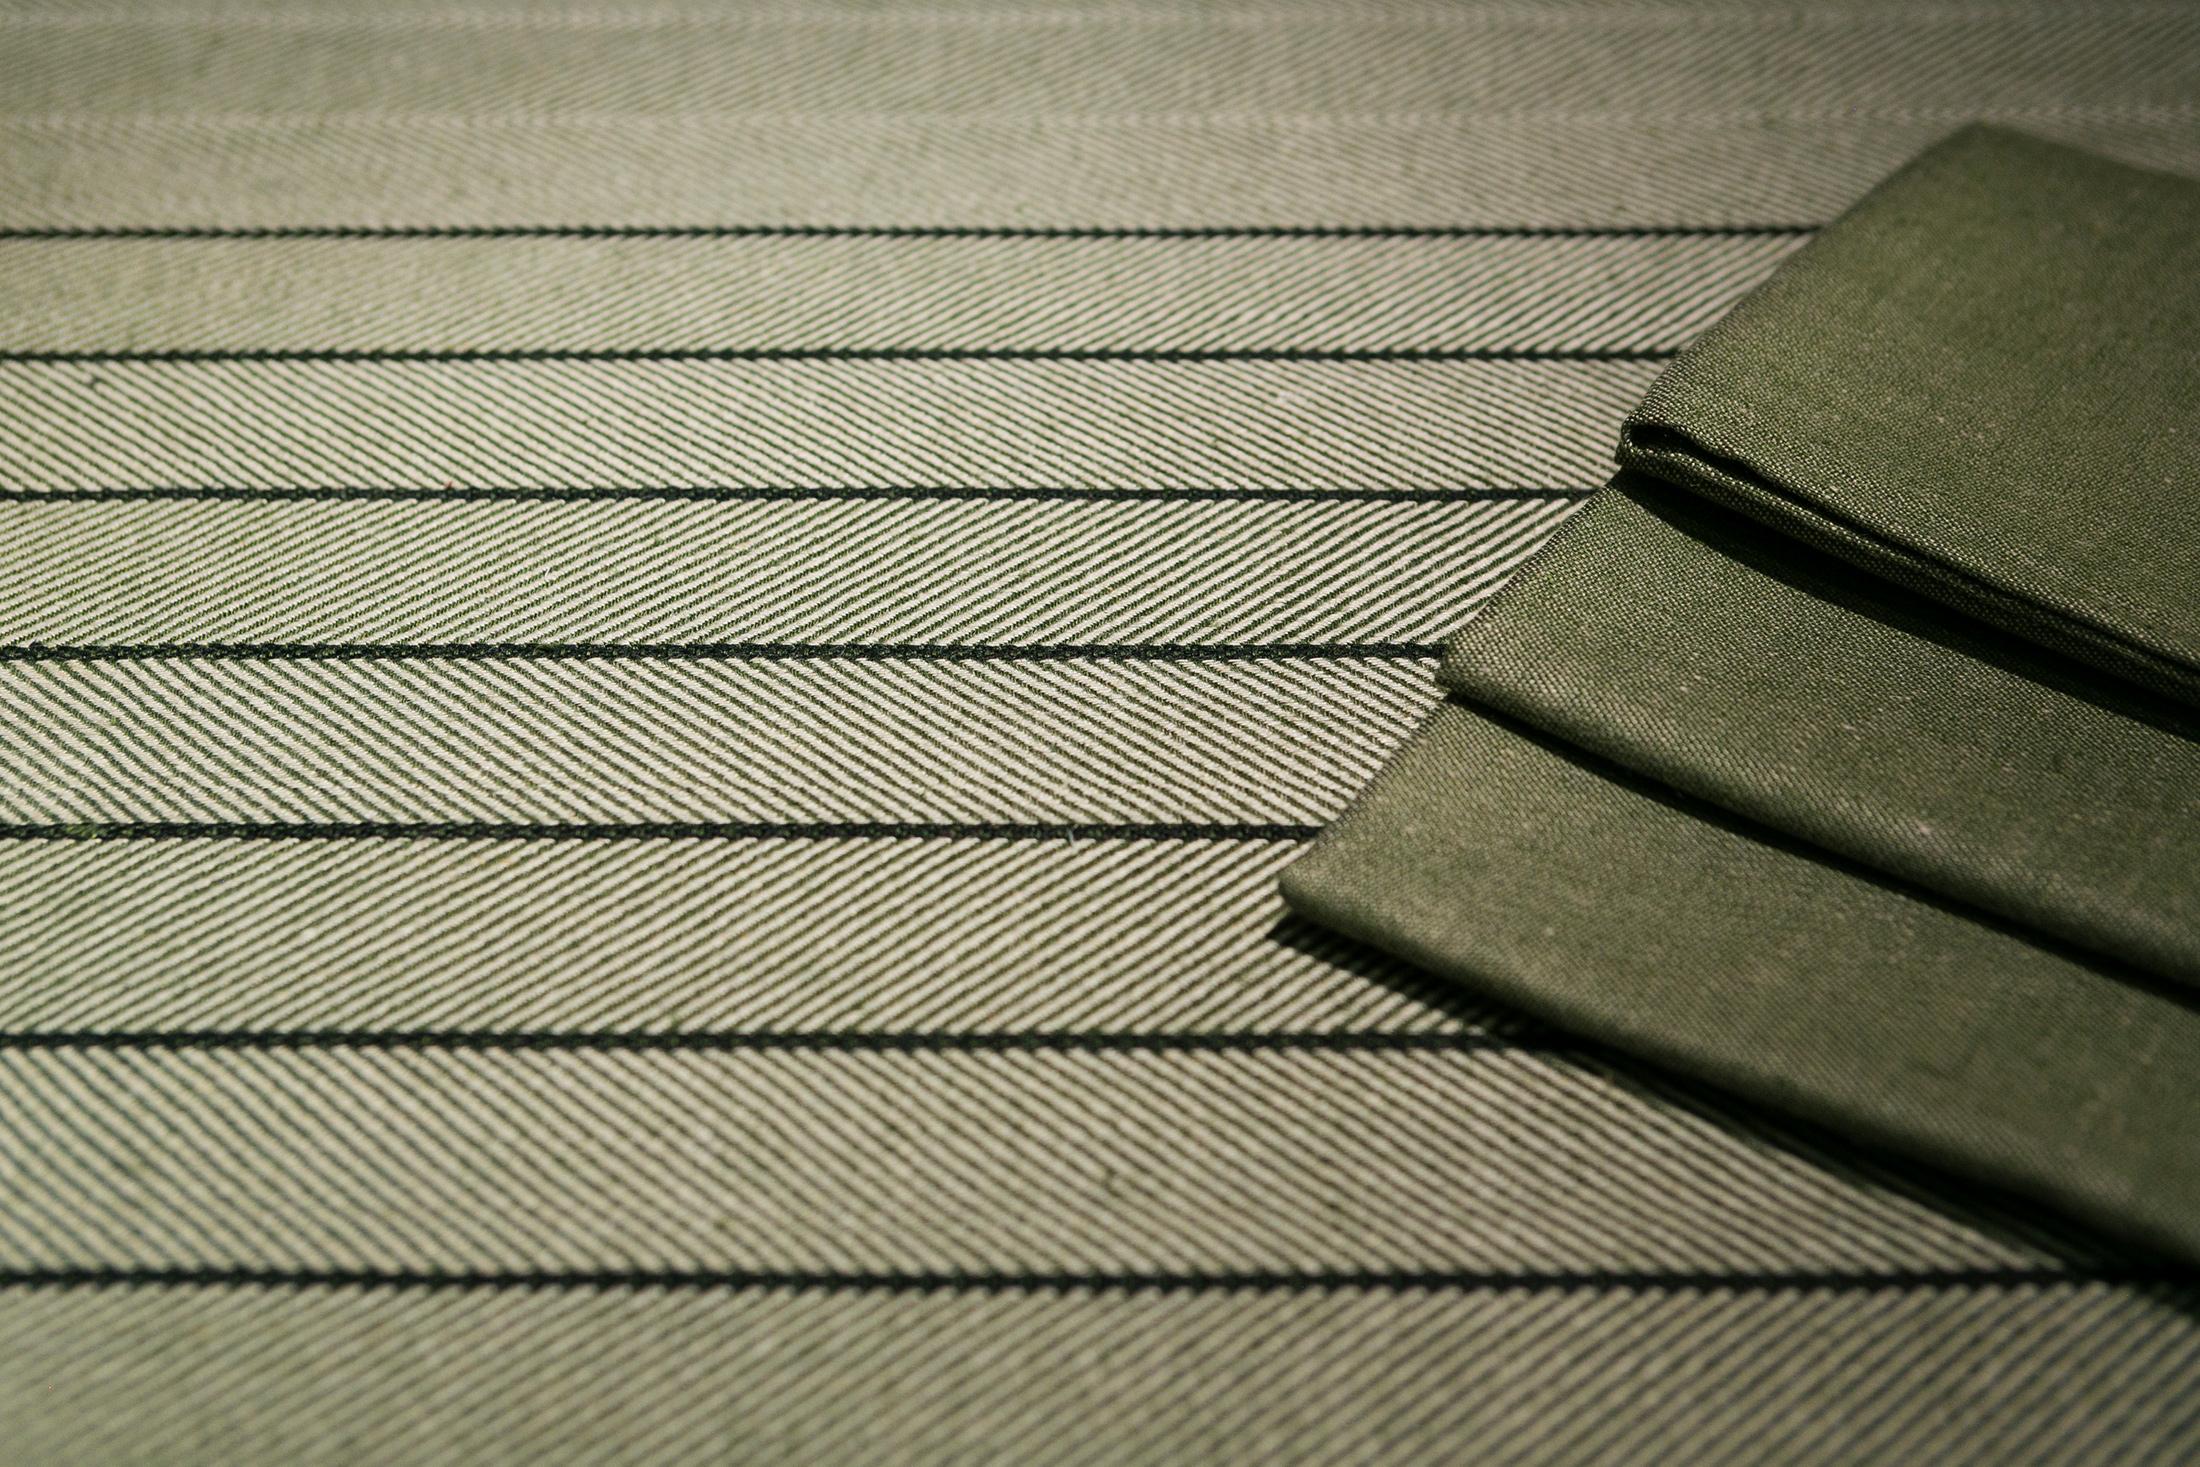 Mossgrön Gärdet med svart rand linneduk. Satin servett i mossgrönt av Klässbols Linneväveri. Design av Karl-Åke Johansson